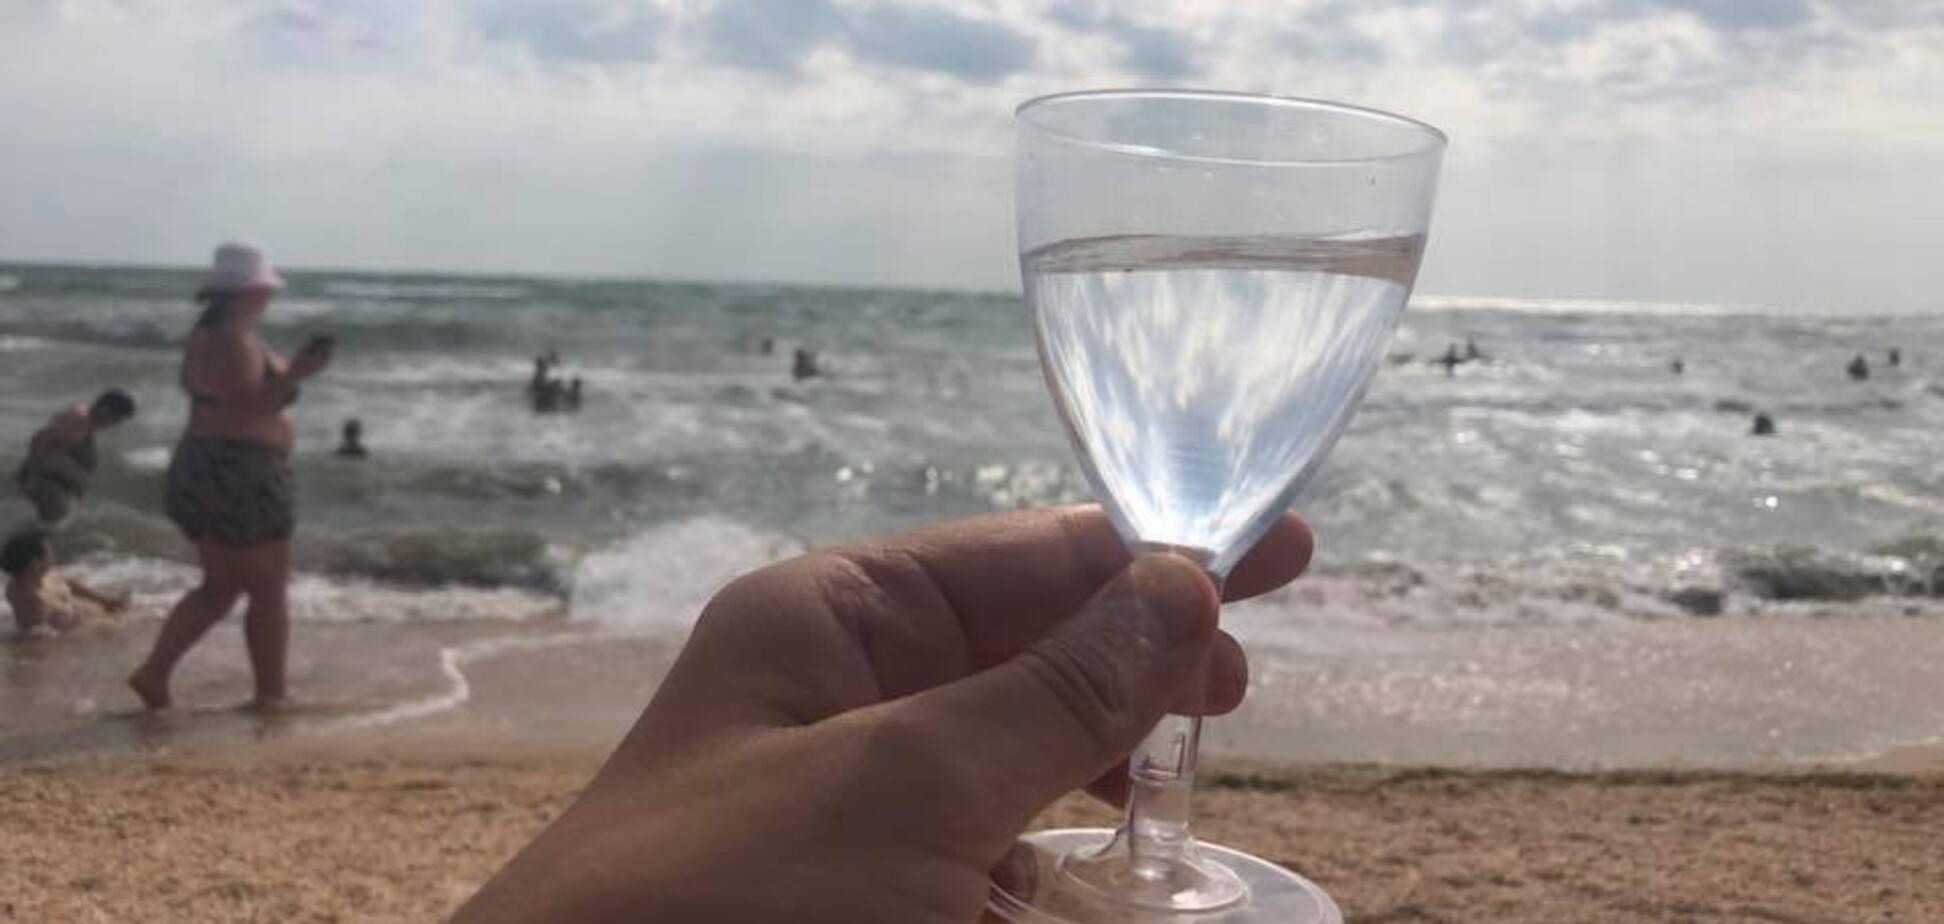 Відомий журналіст розхвалив відпочинок в Україні: в мережі знайшли, що йому відповісти